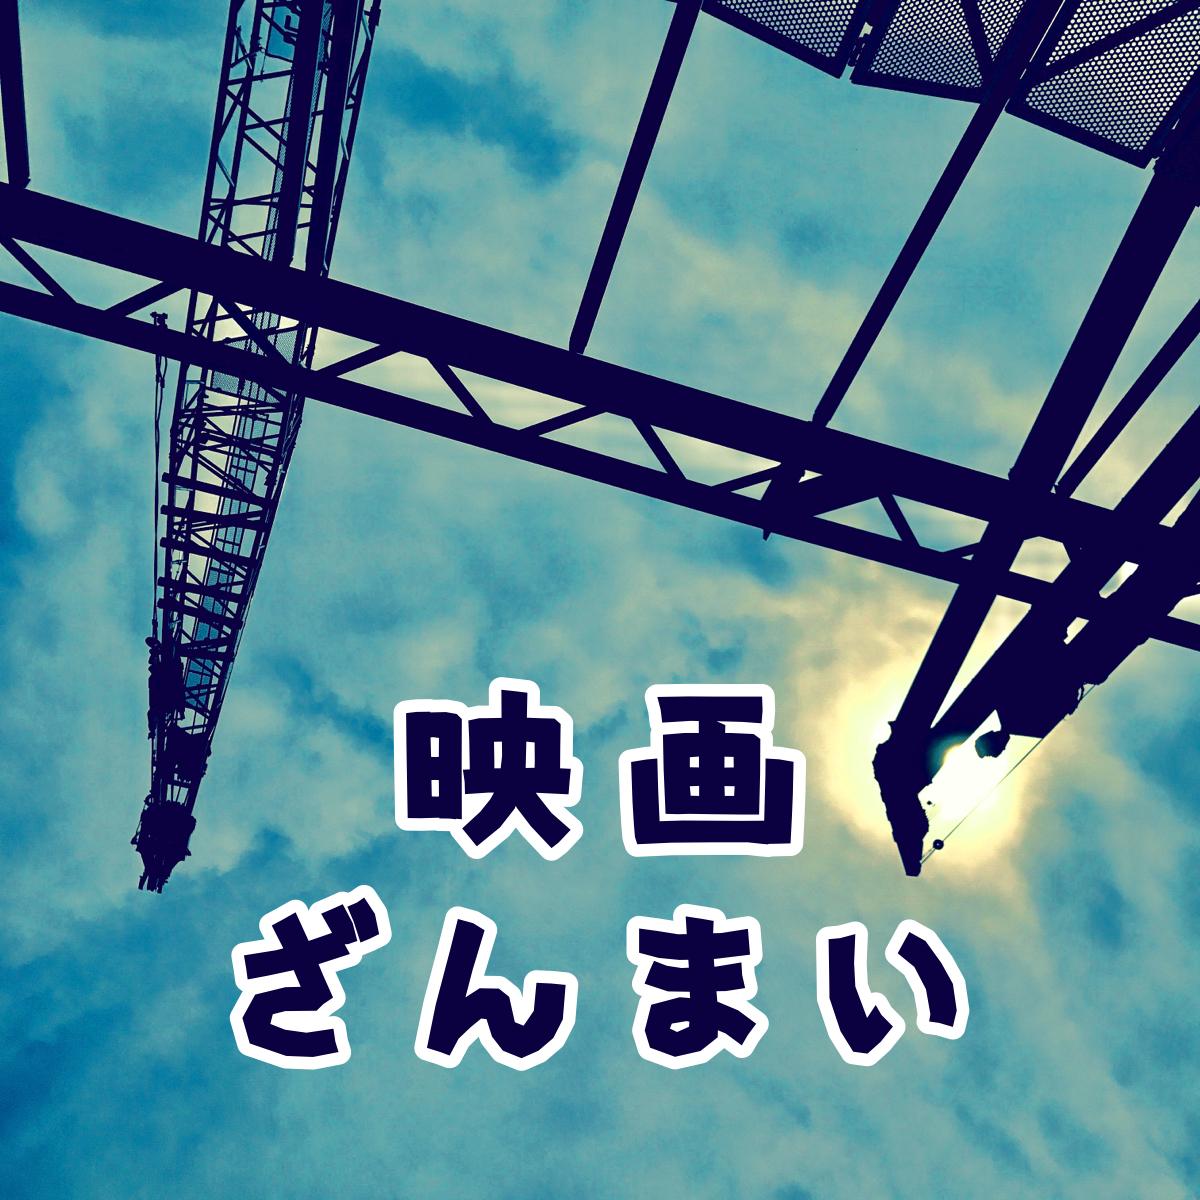 エビデンス 全滅(2013)感想回 前編